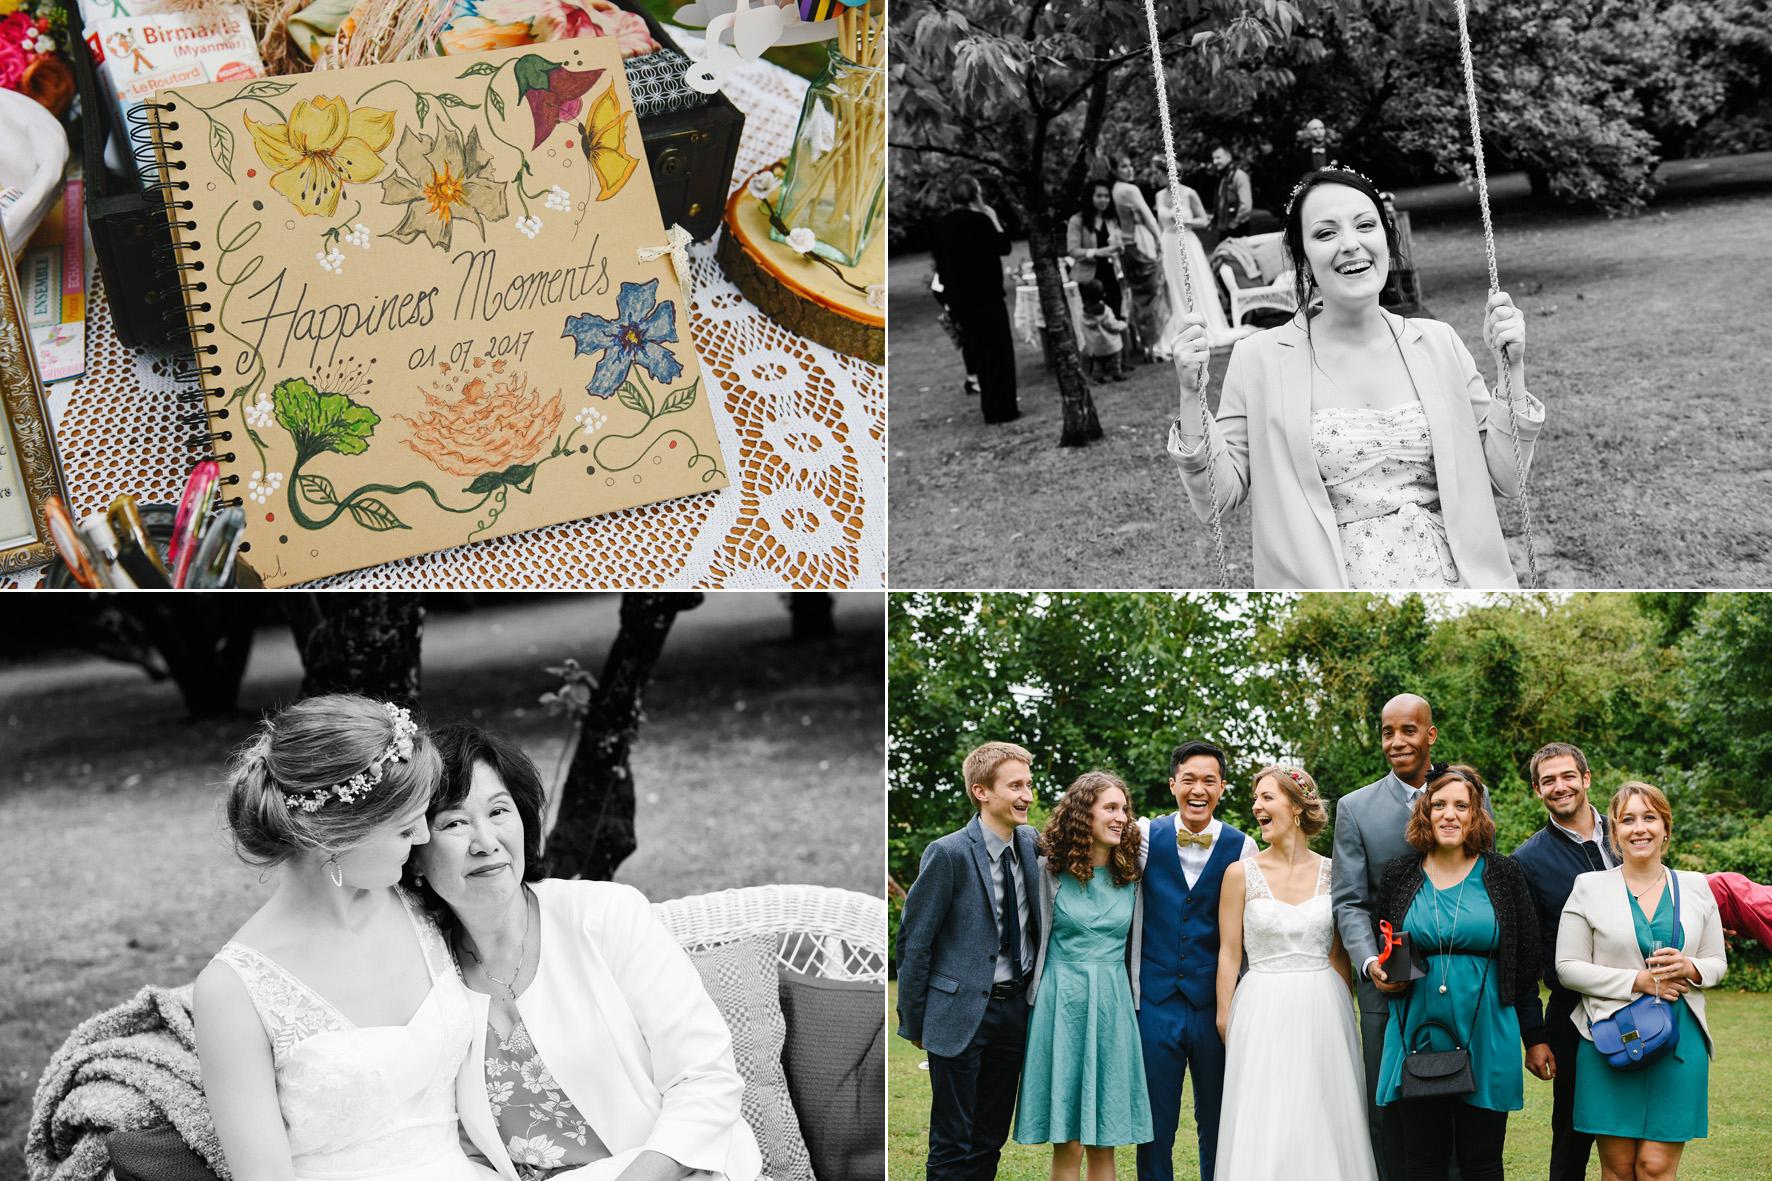 mariage_LW_domaine de la Pepiniere_seine-et-marne_77_photographie_clemence_dubois MEP26